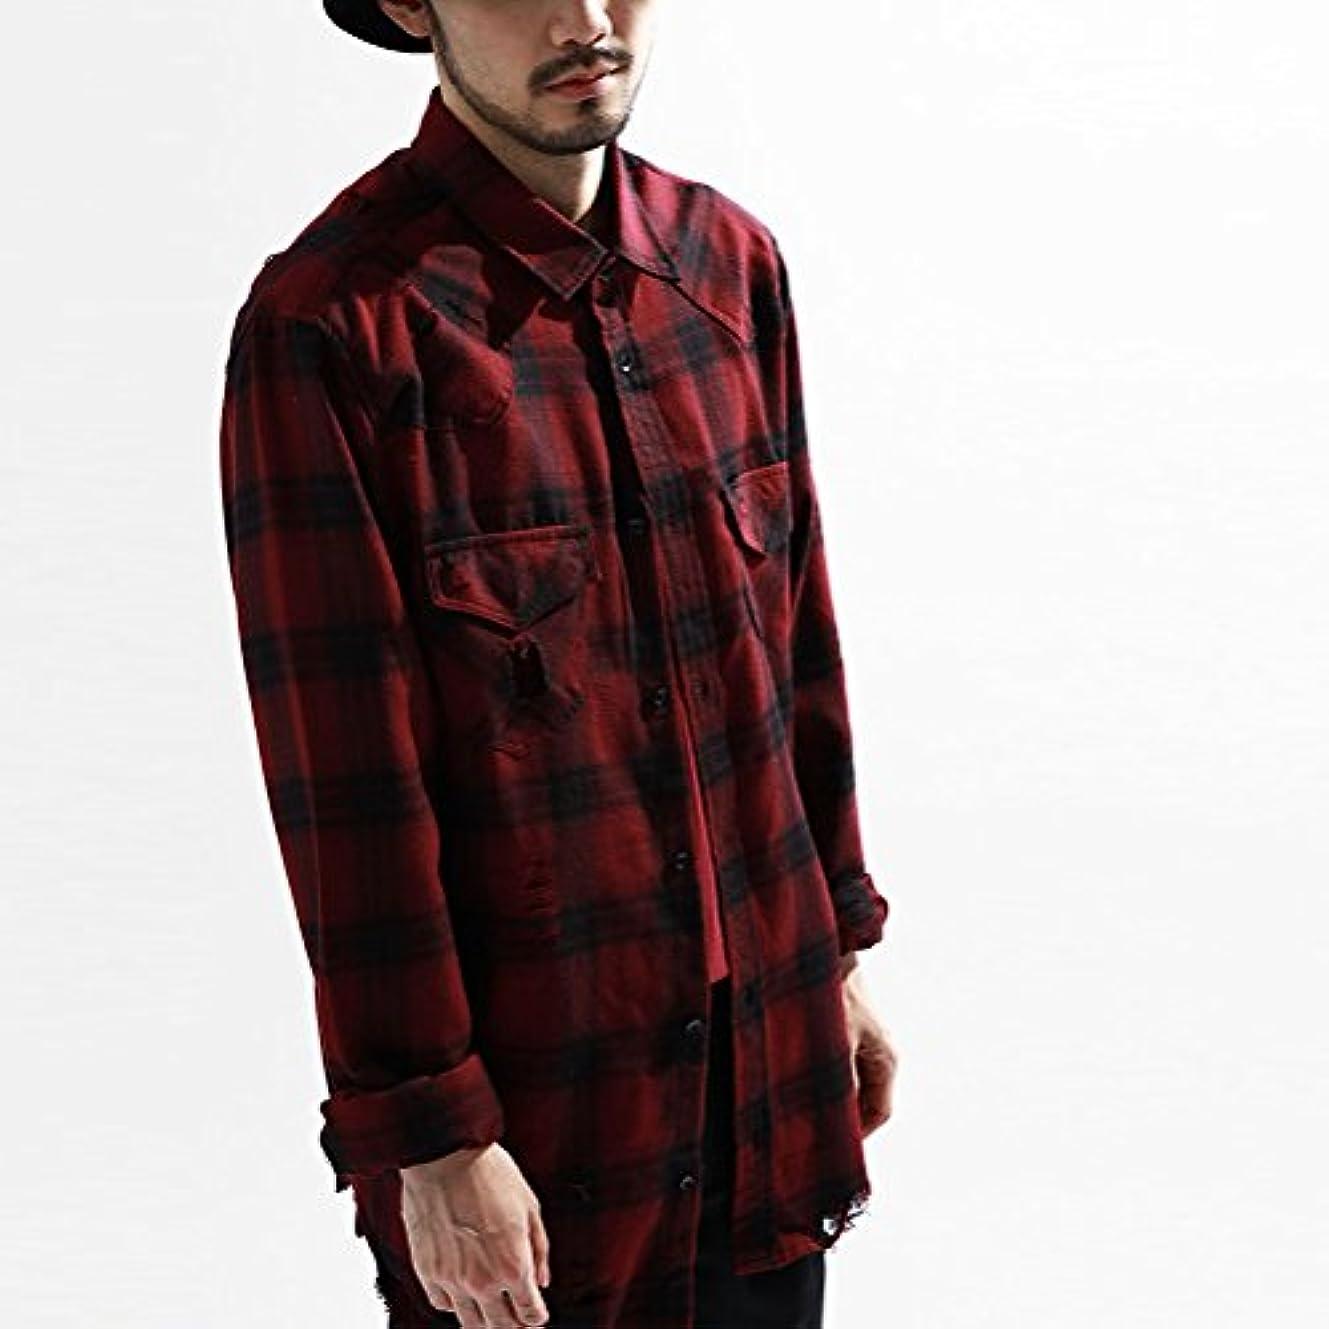 テクトニック港キリンFEIDA メンズ シャツ ギンガムチェック 長袖 シンプル 個性 無地 カジュアル 男性用シャツ (M, 赤い)